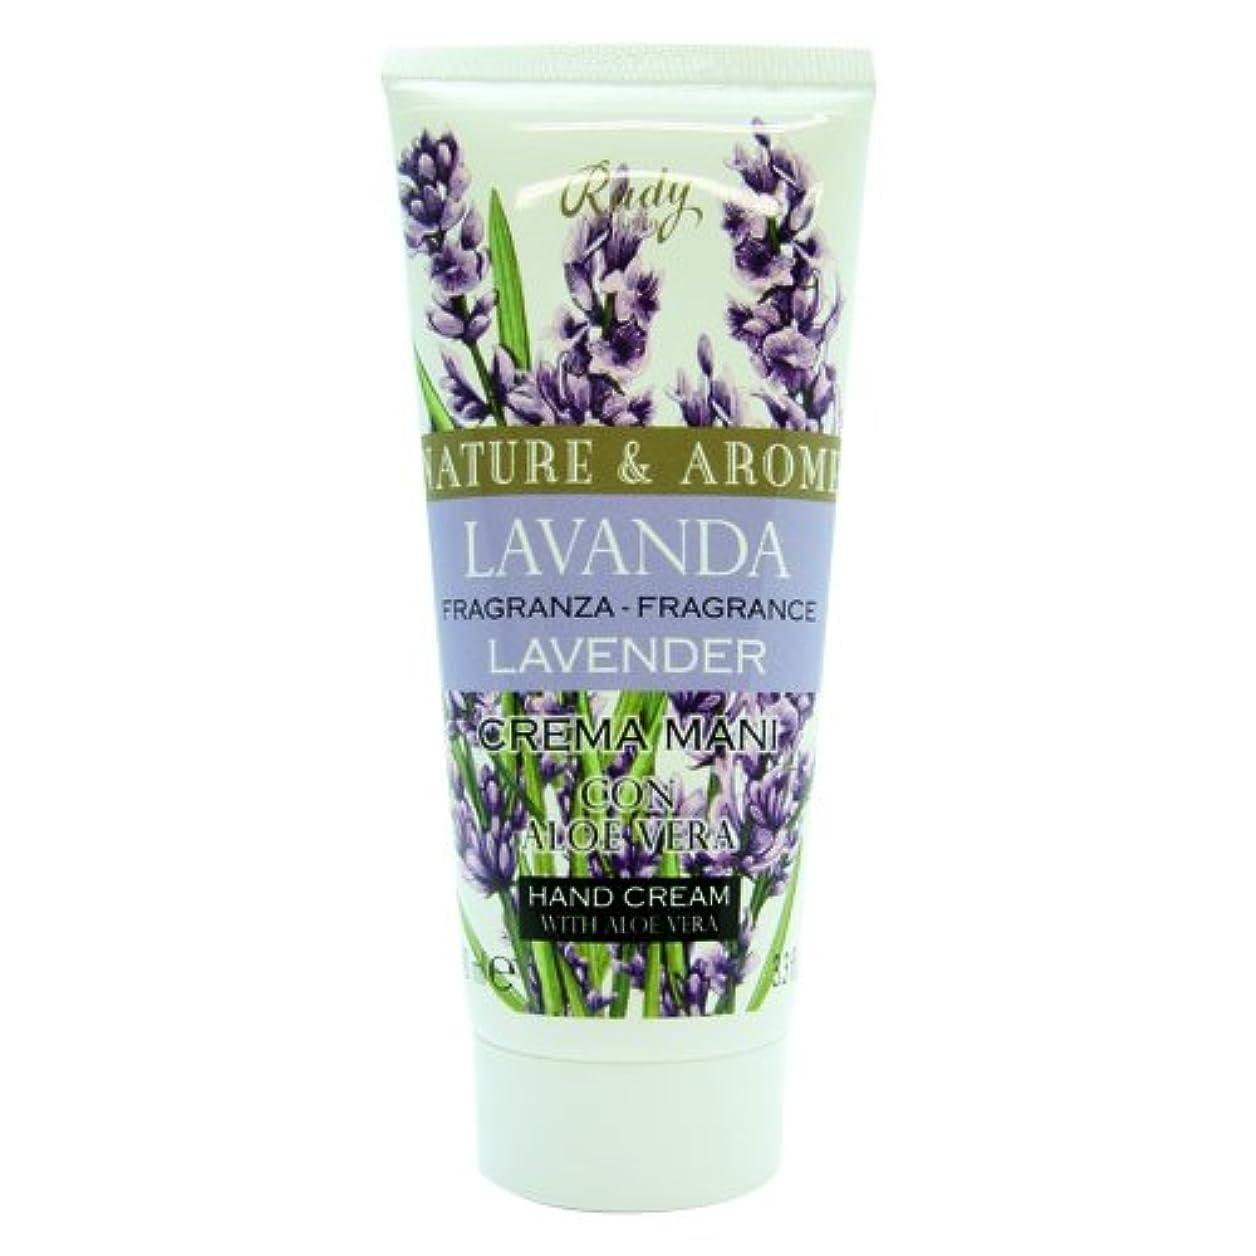 めまいが小麦仲間、同僚RUDY Nature&Arome SERIES ルディ ナチュール&アロマ Hand Cream ハンドクリーム  Lavender ラベンダー